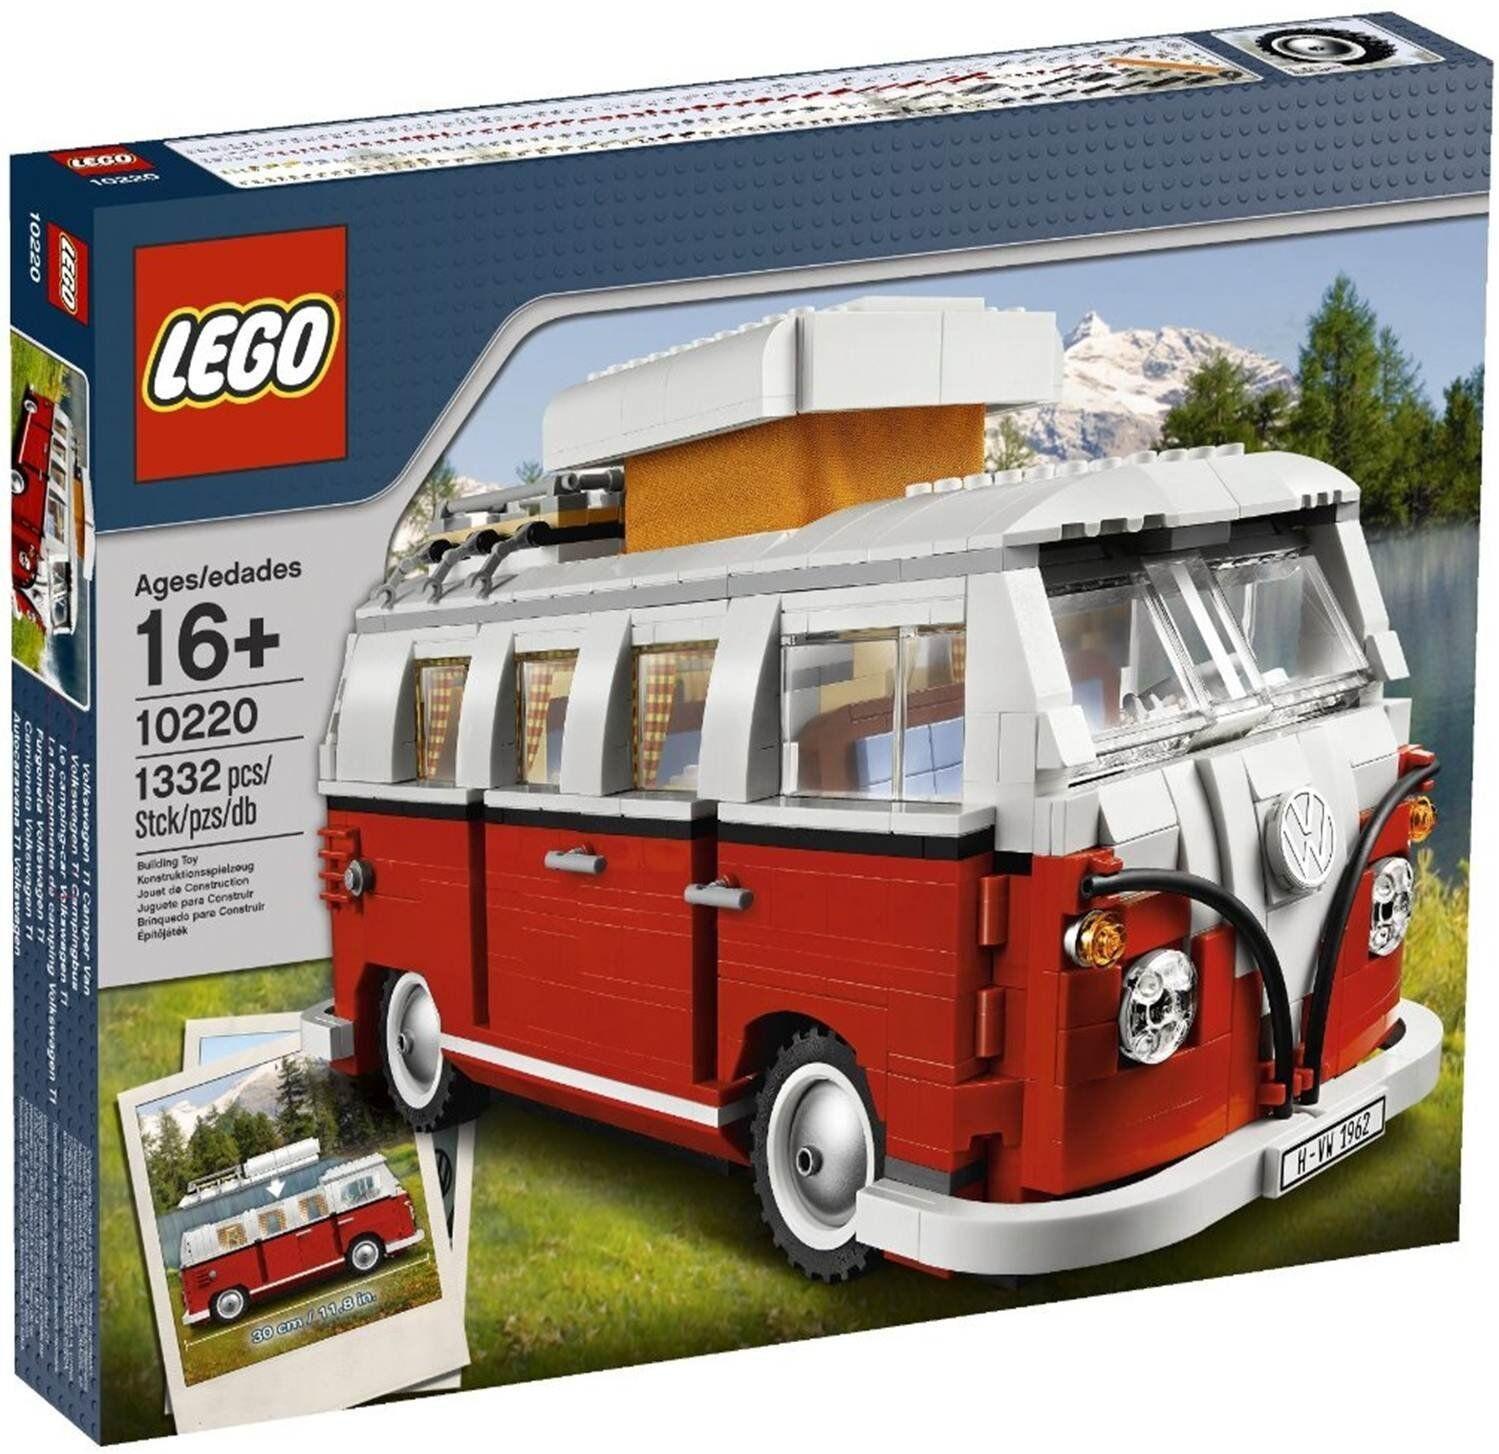 Lego Creator 10220-vw t1 CA Camper Van, NOUVEAU & NEUF dans sa boîte, Boîte d'origine jamais ouverte, En parfait état, dans sa boîte scellée